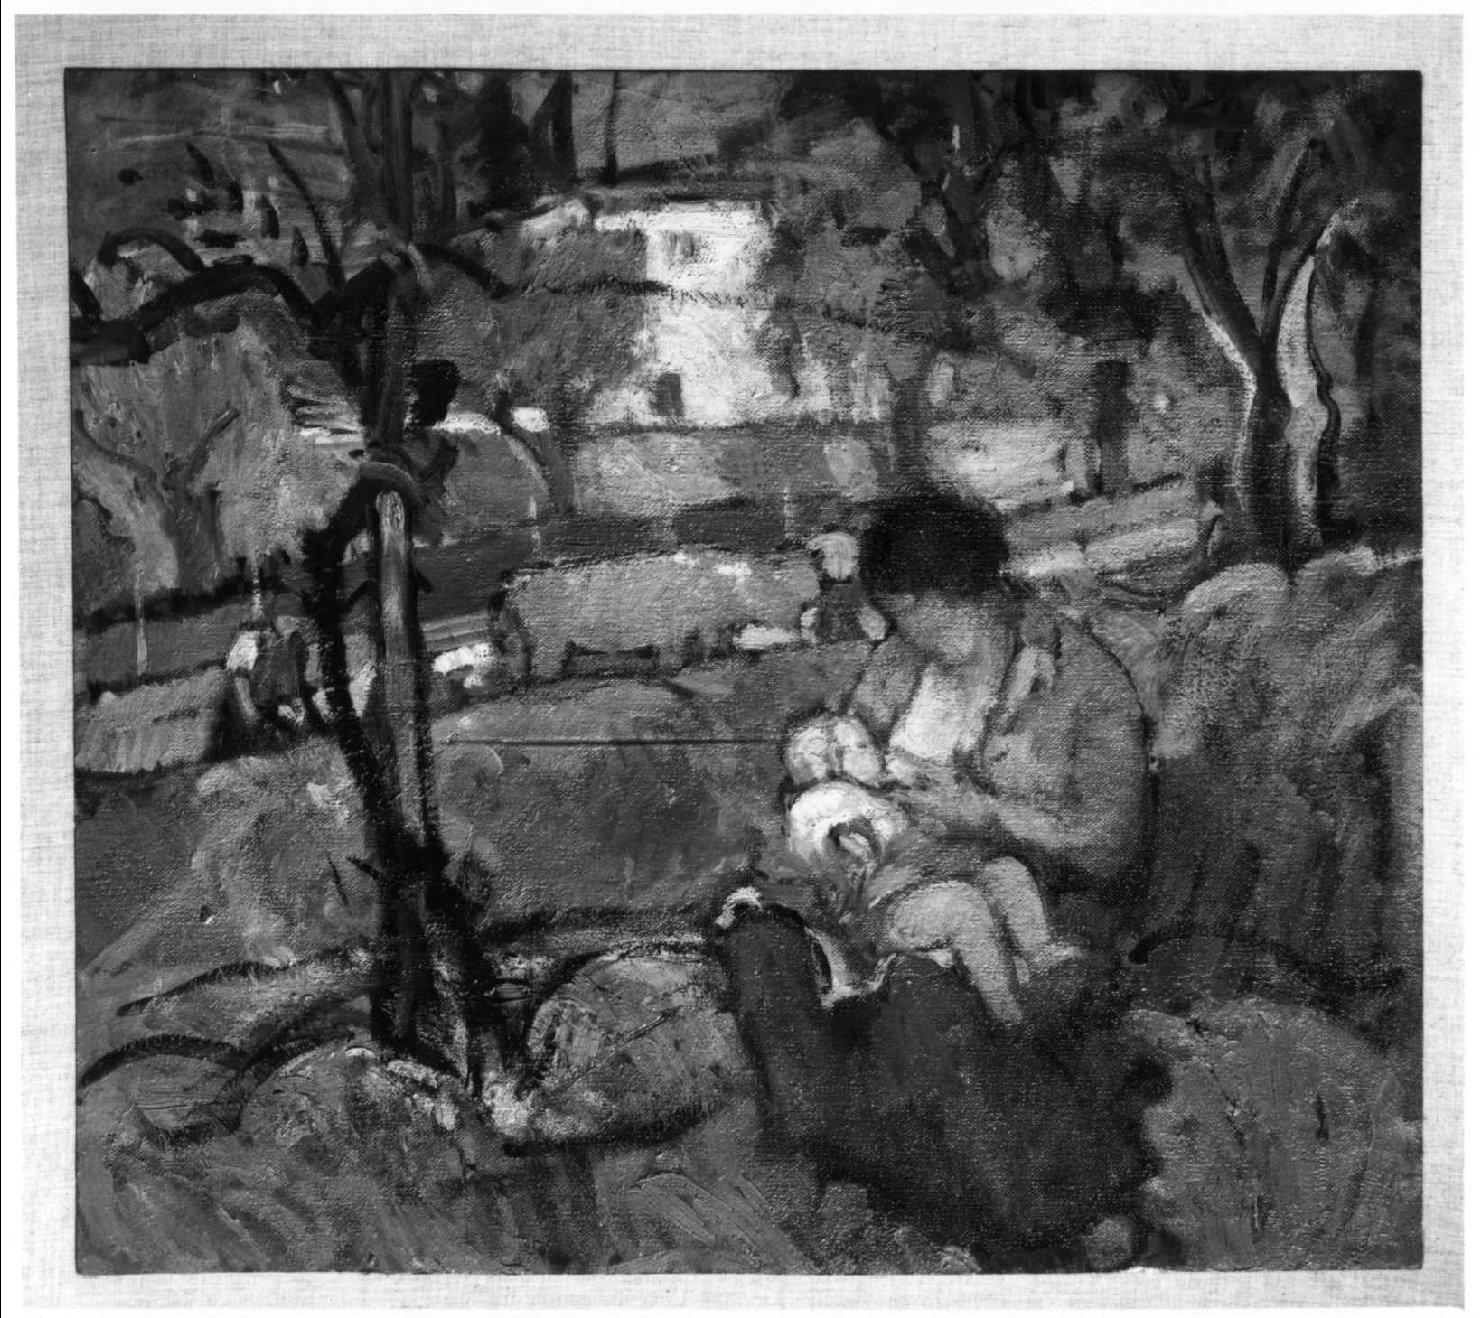 scena campestre con figure (dipinto) di Moggioli Umberto (sec. XX)